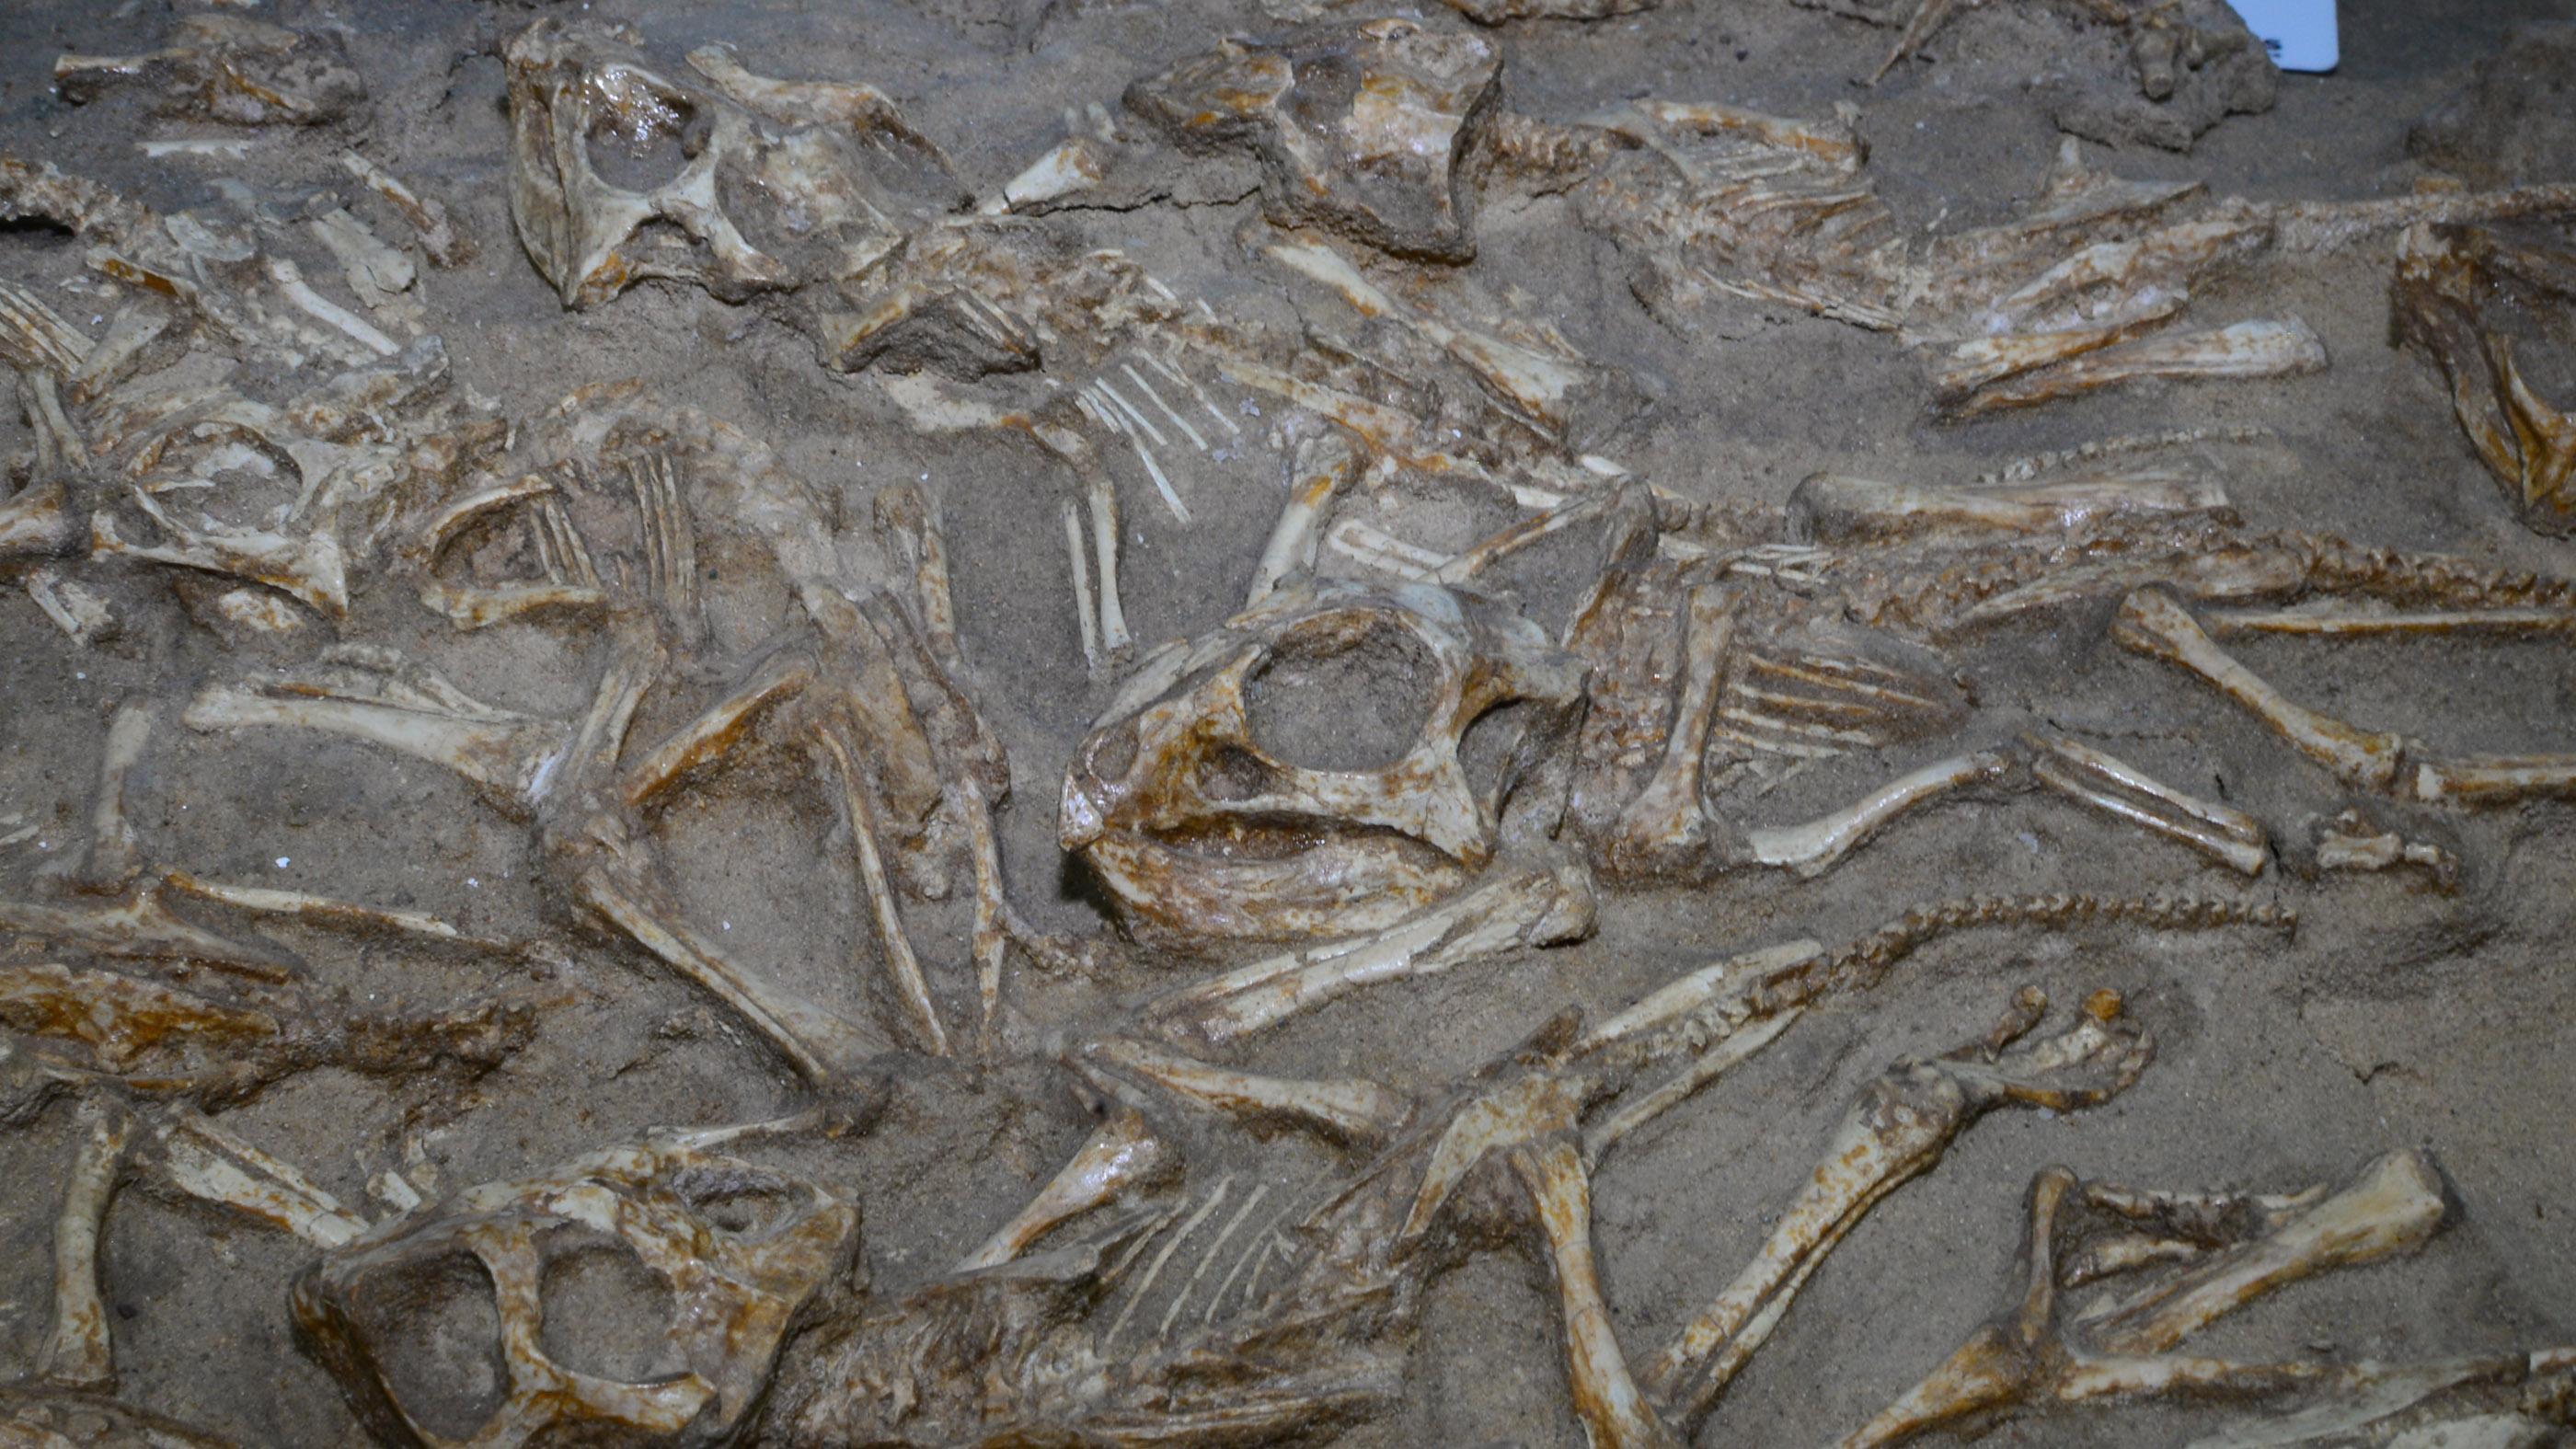 Les restes de dinosaures Protoceratops.